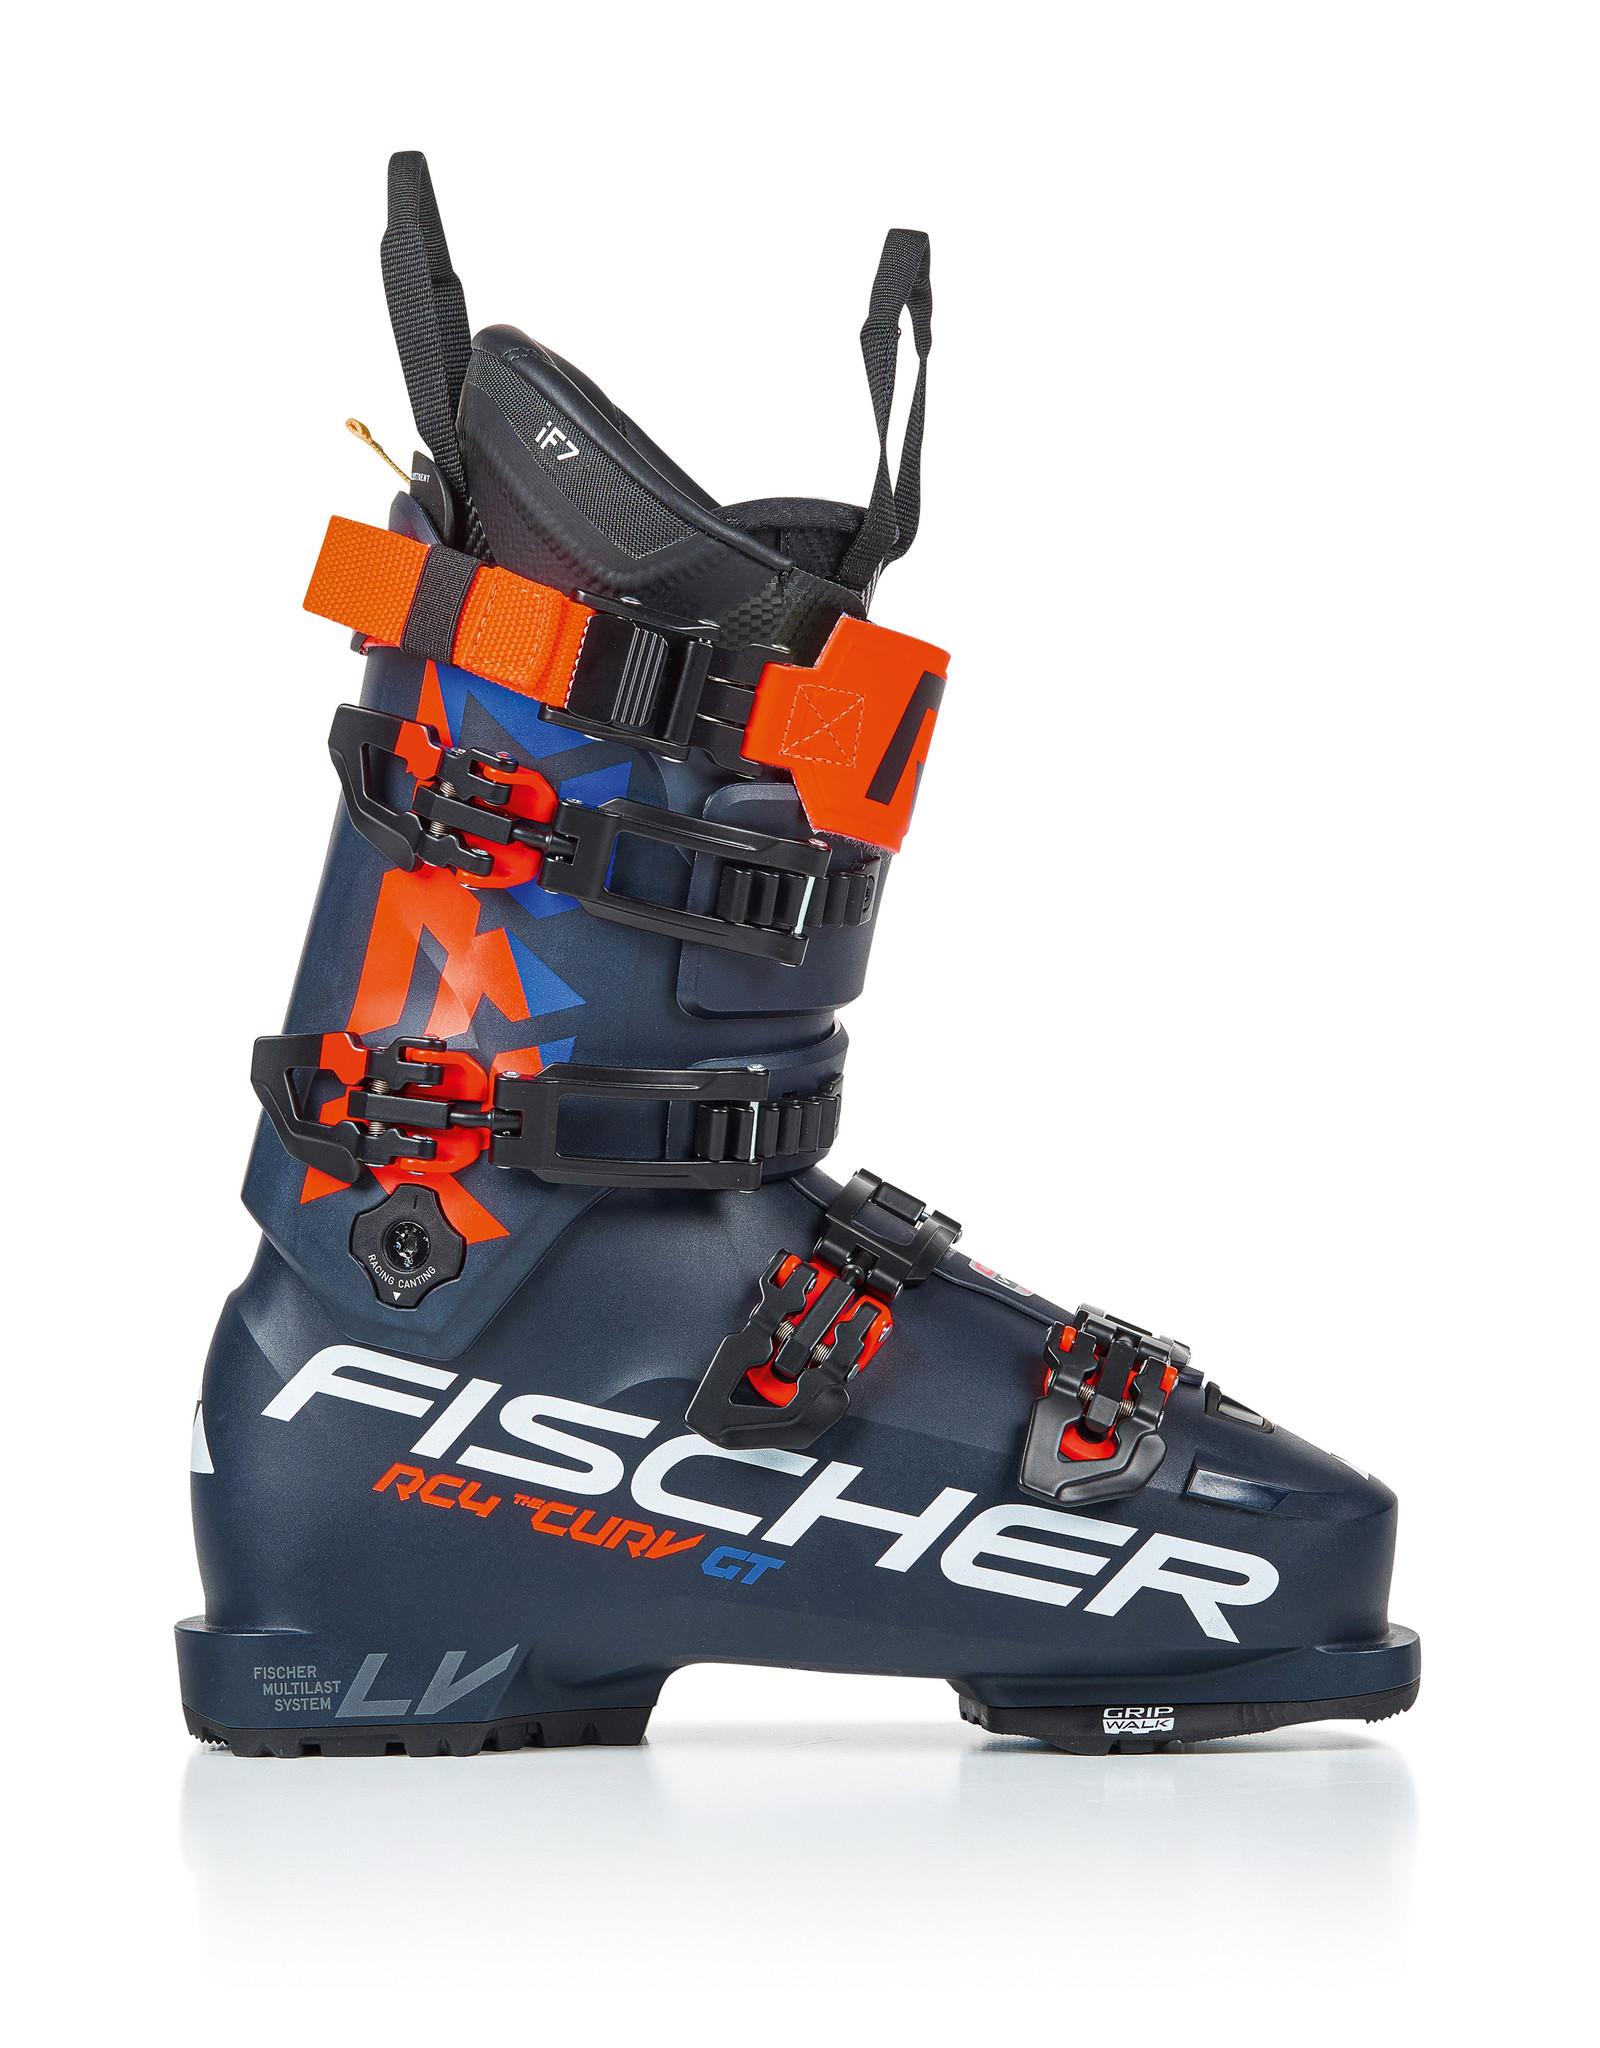 Fischer RC4 The Curv GT 130 VCM Walk -W2022